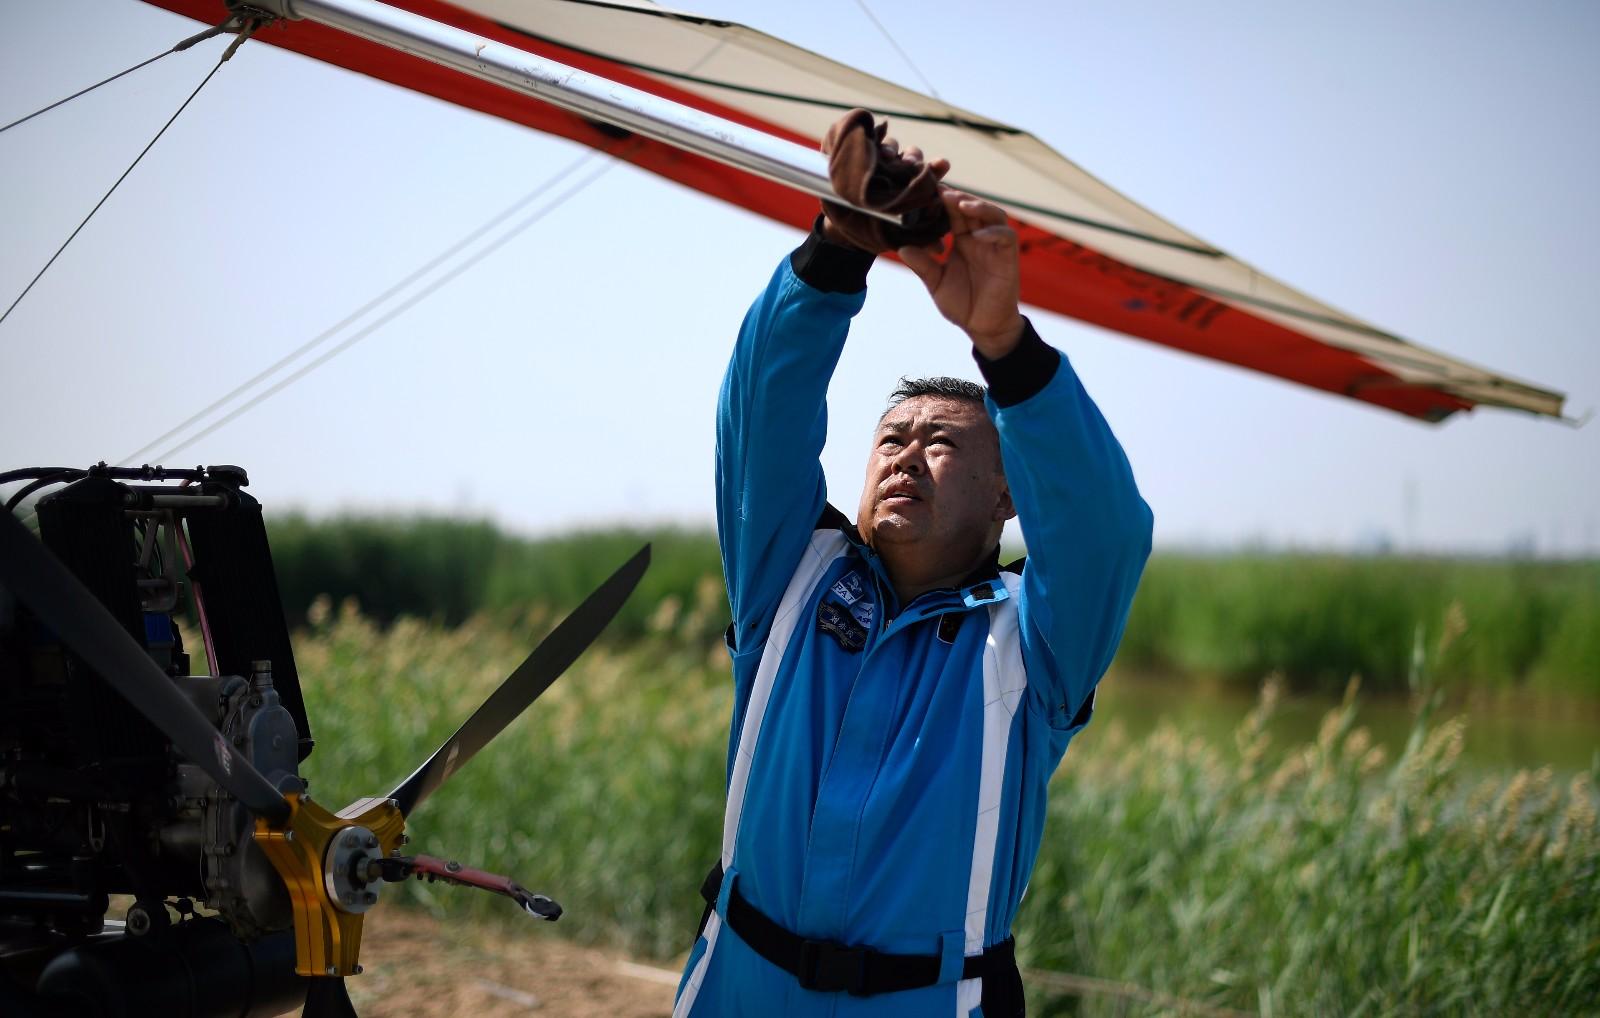 刘亦兵在飞行前对动力三角翼飞机进行检查(6月21日摄)。